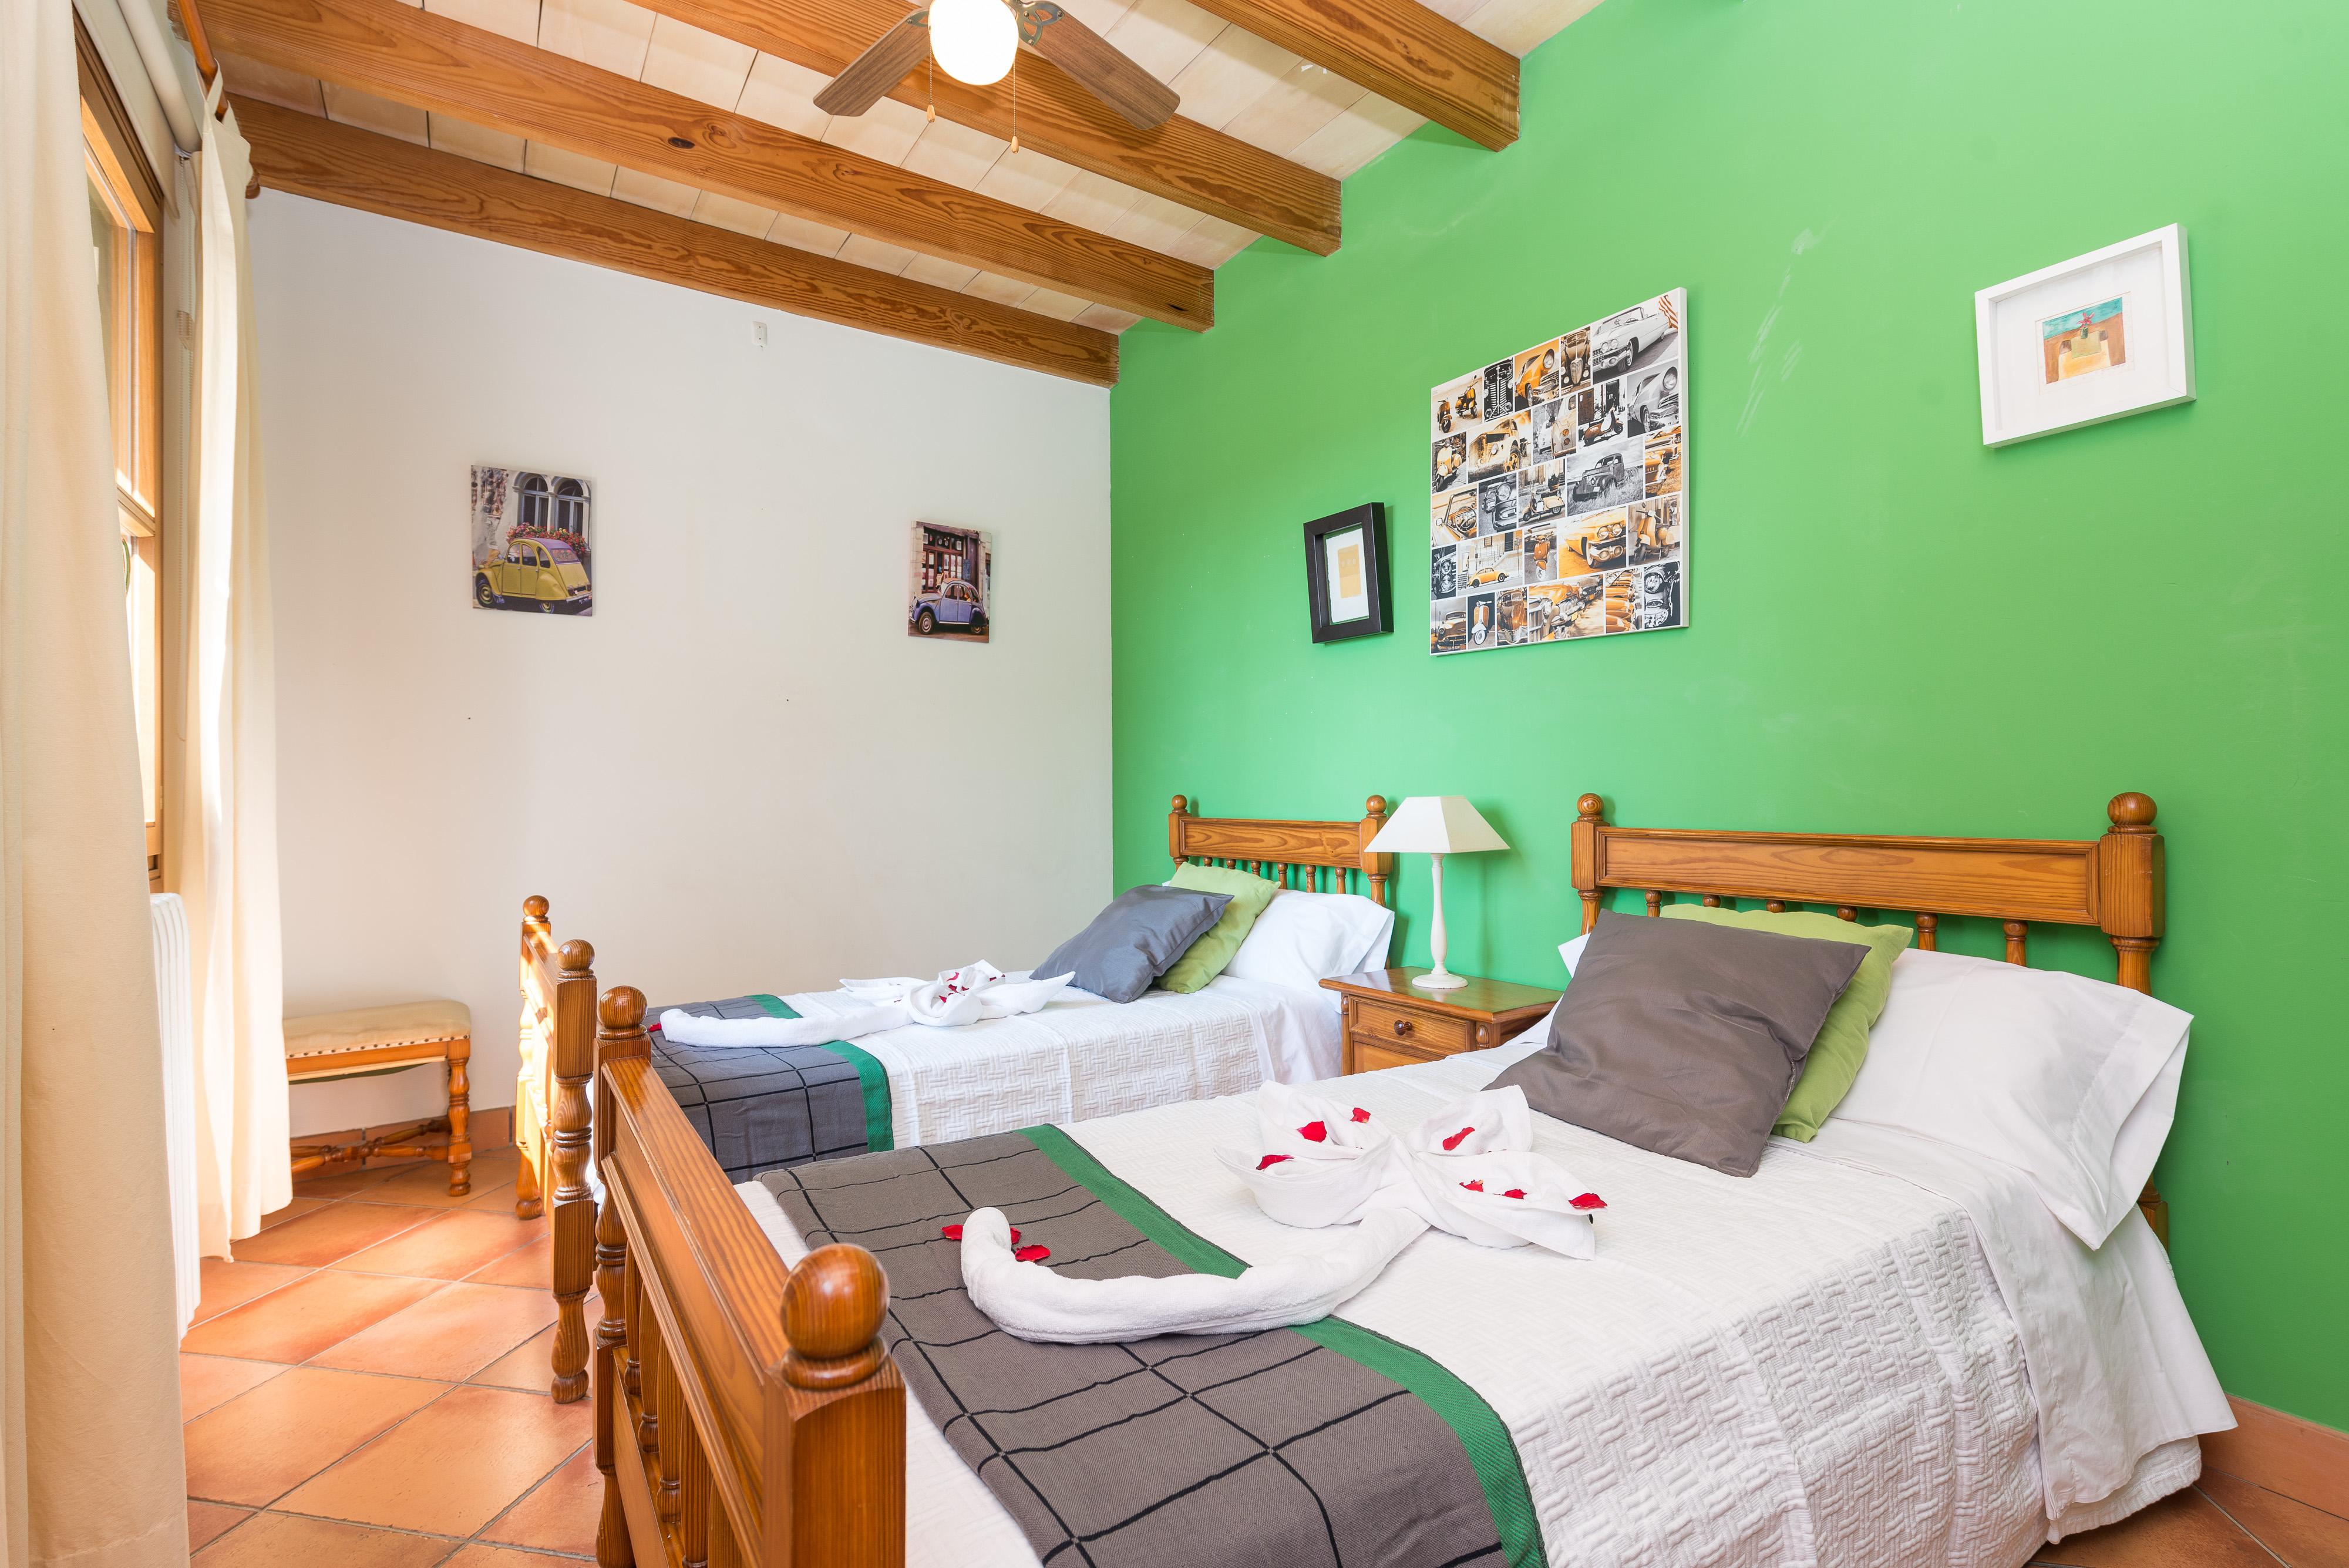 Maison de vacances ES PINAR (1956282), Alaro, Majorque, Iles Baléares, Espagne, image 29